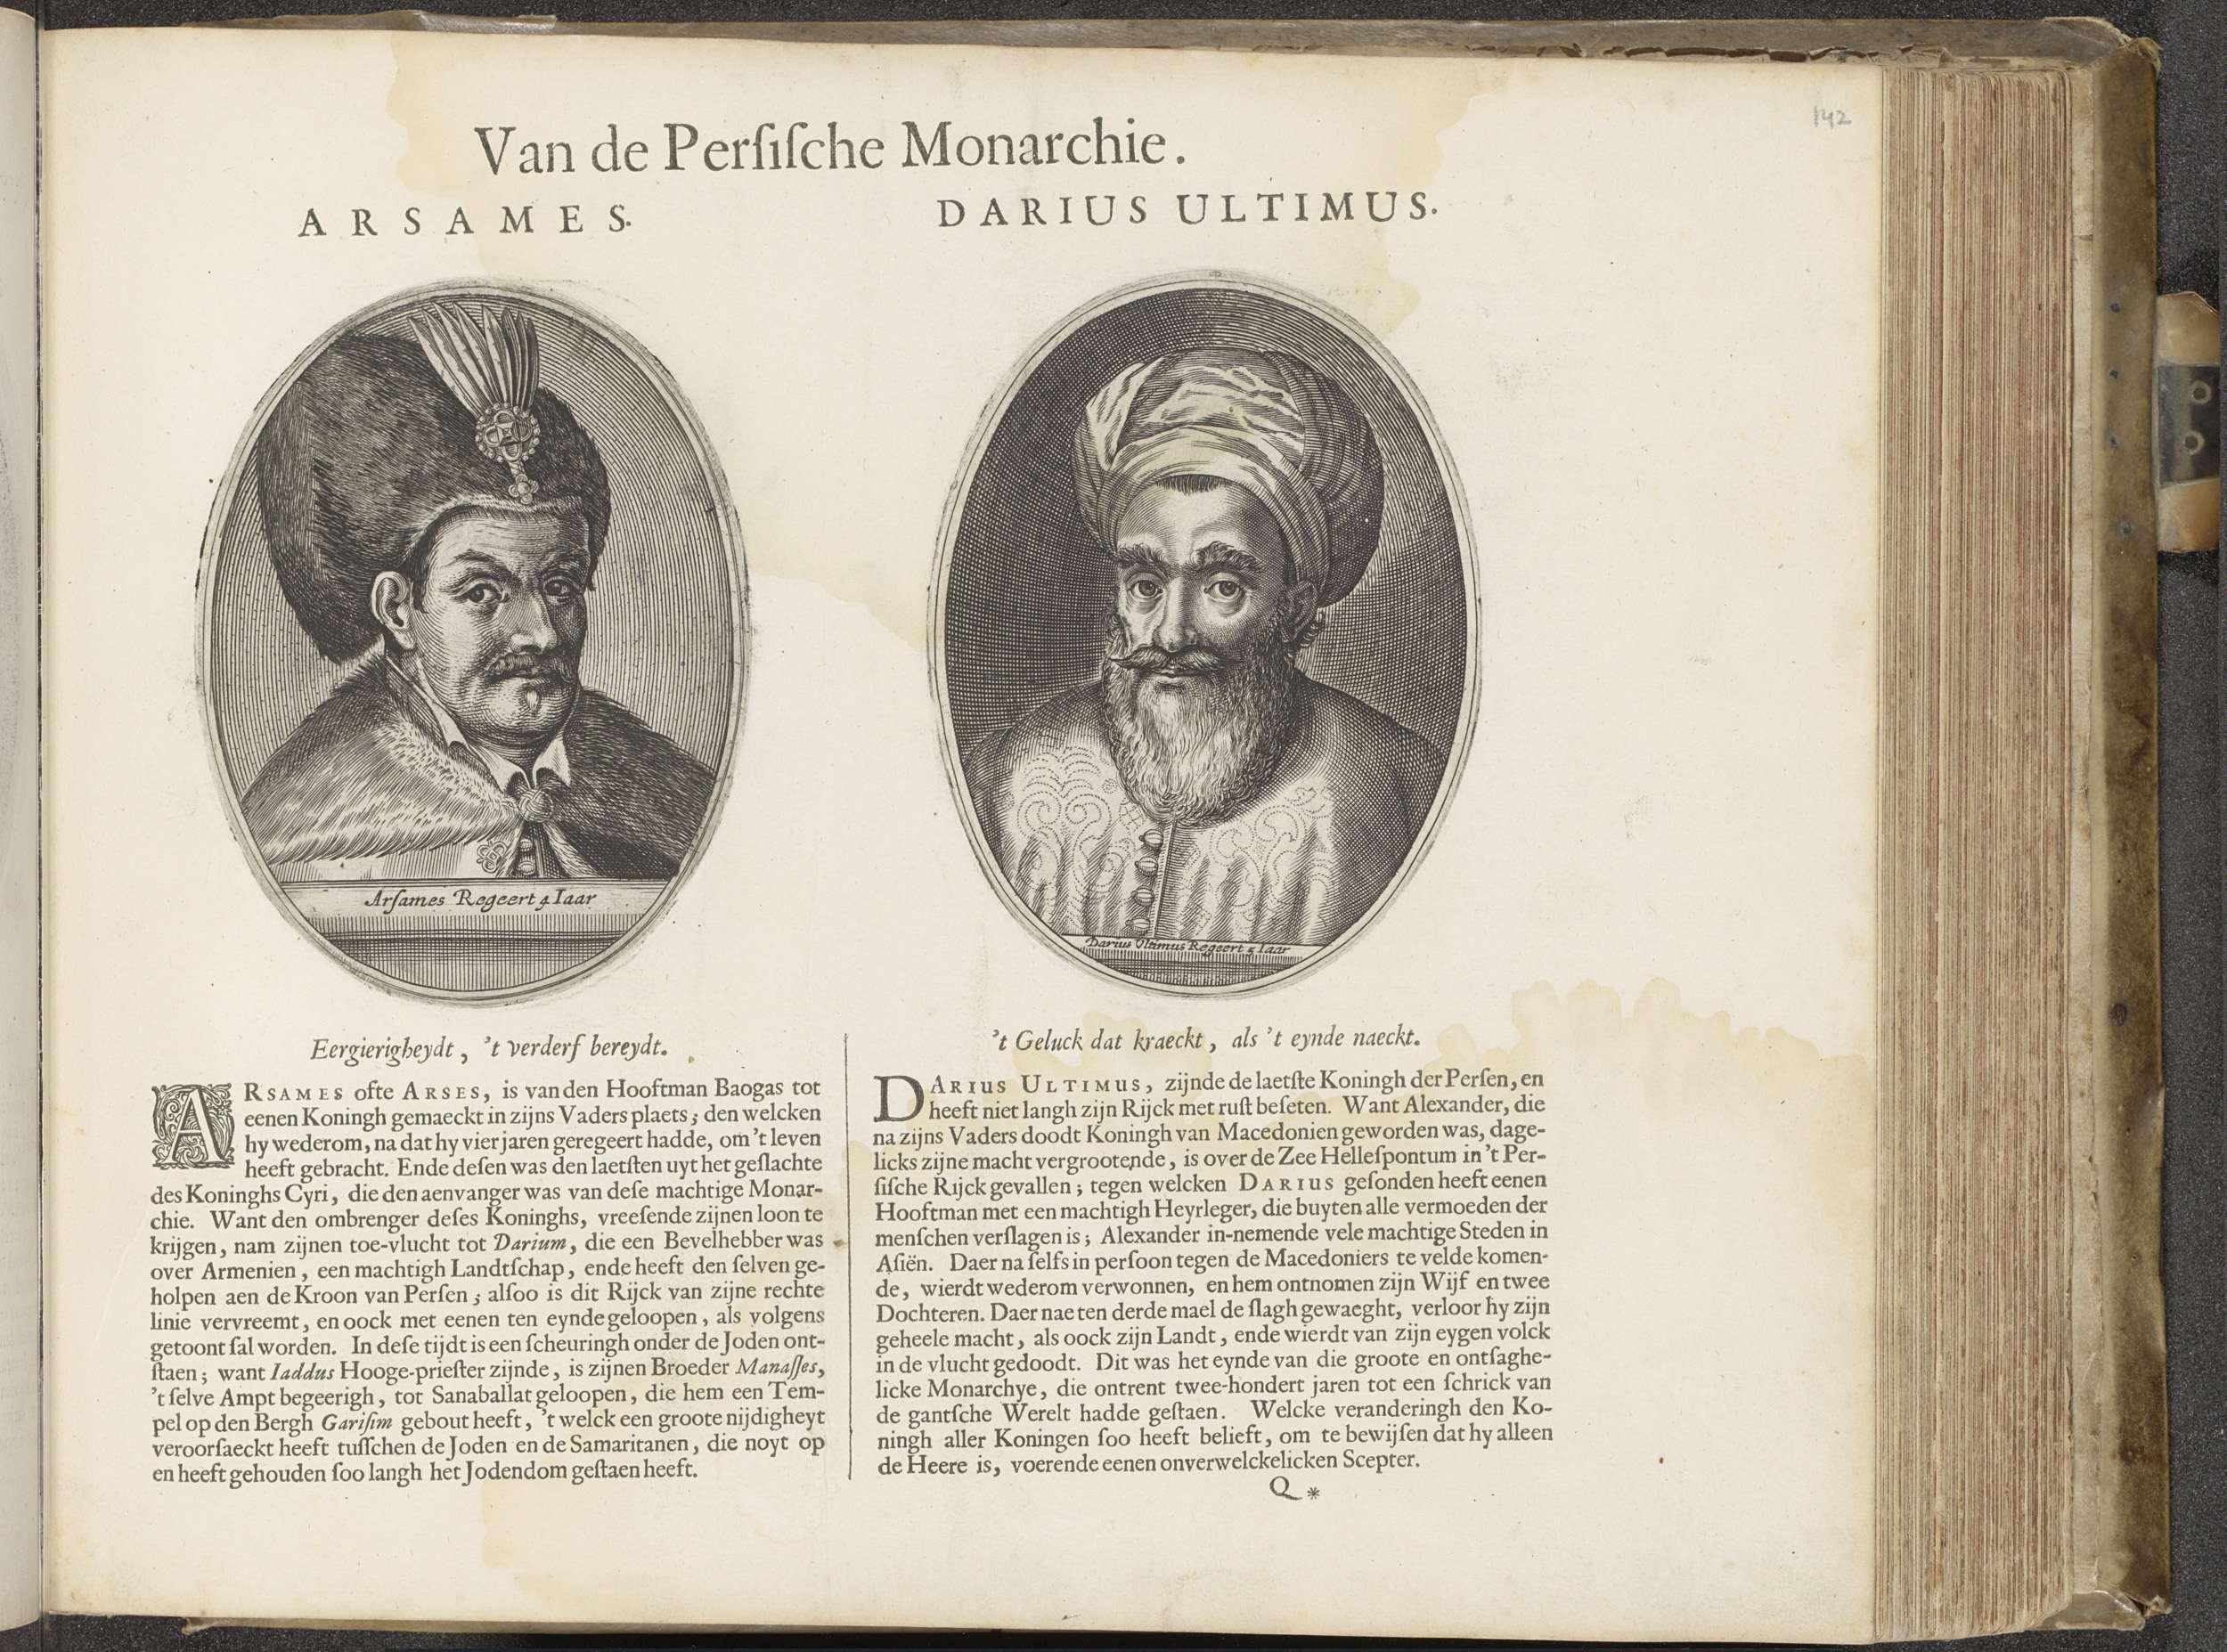 Portretten van de koningen Arses en Darius III